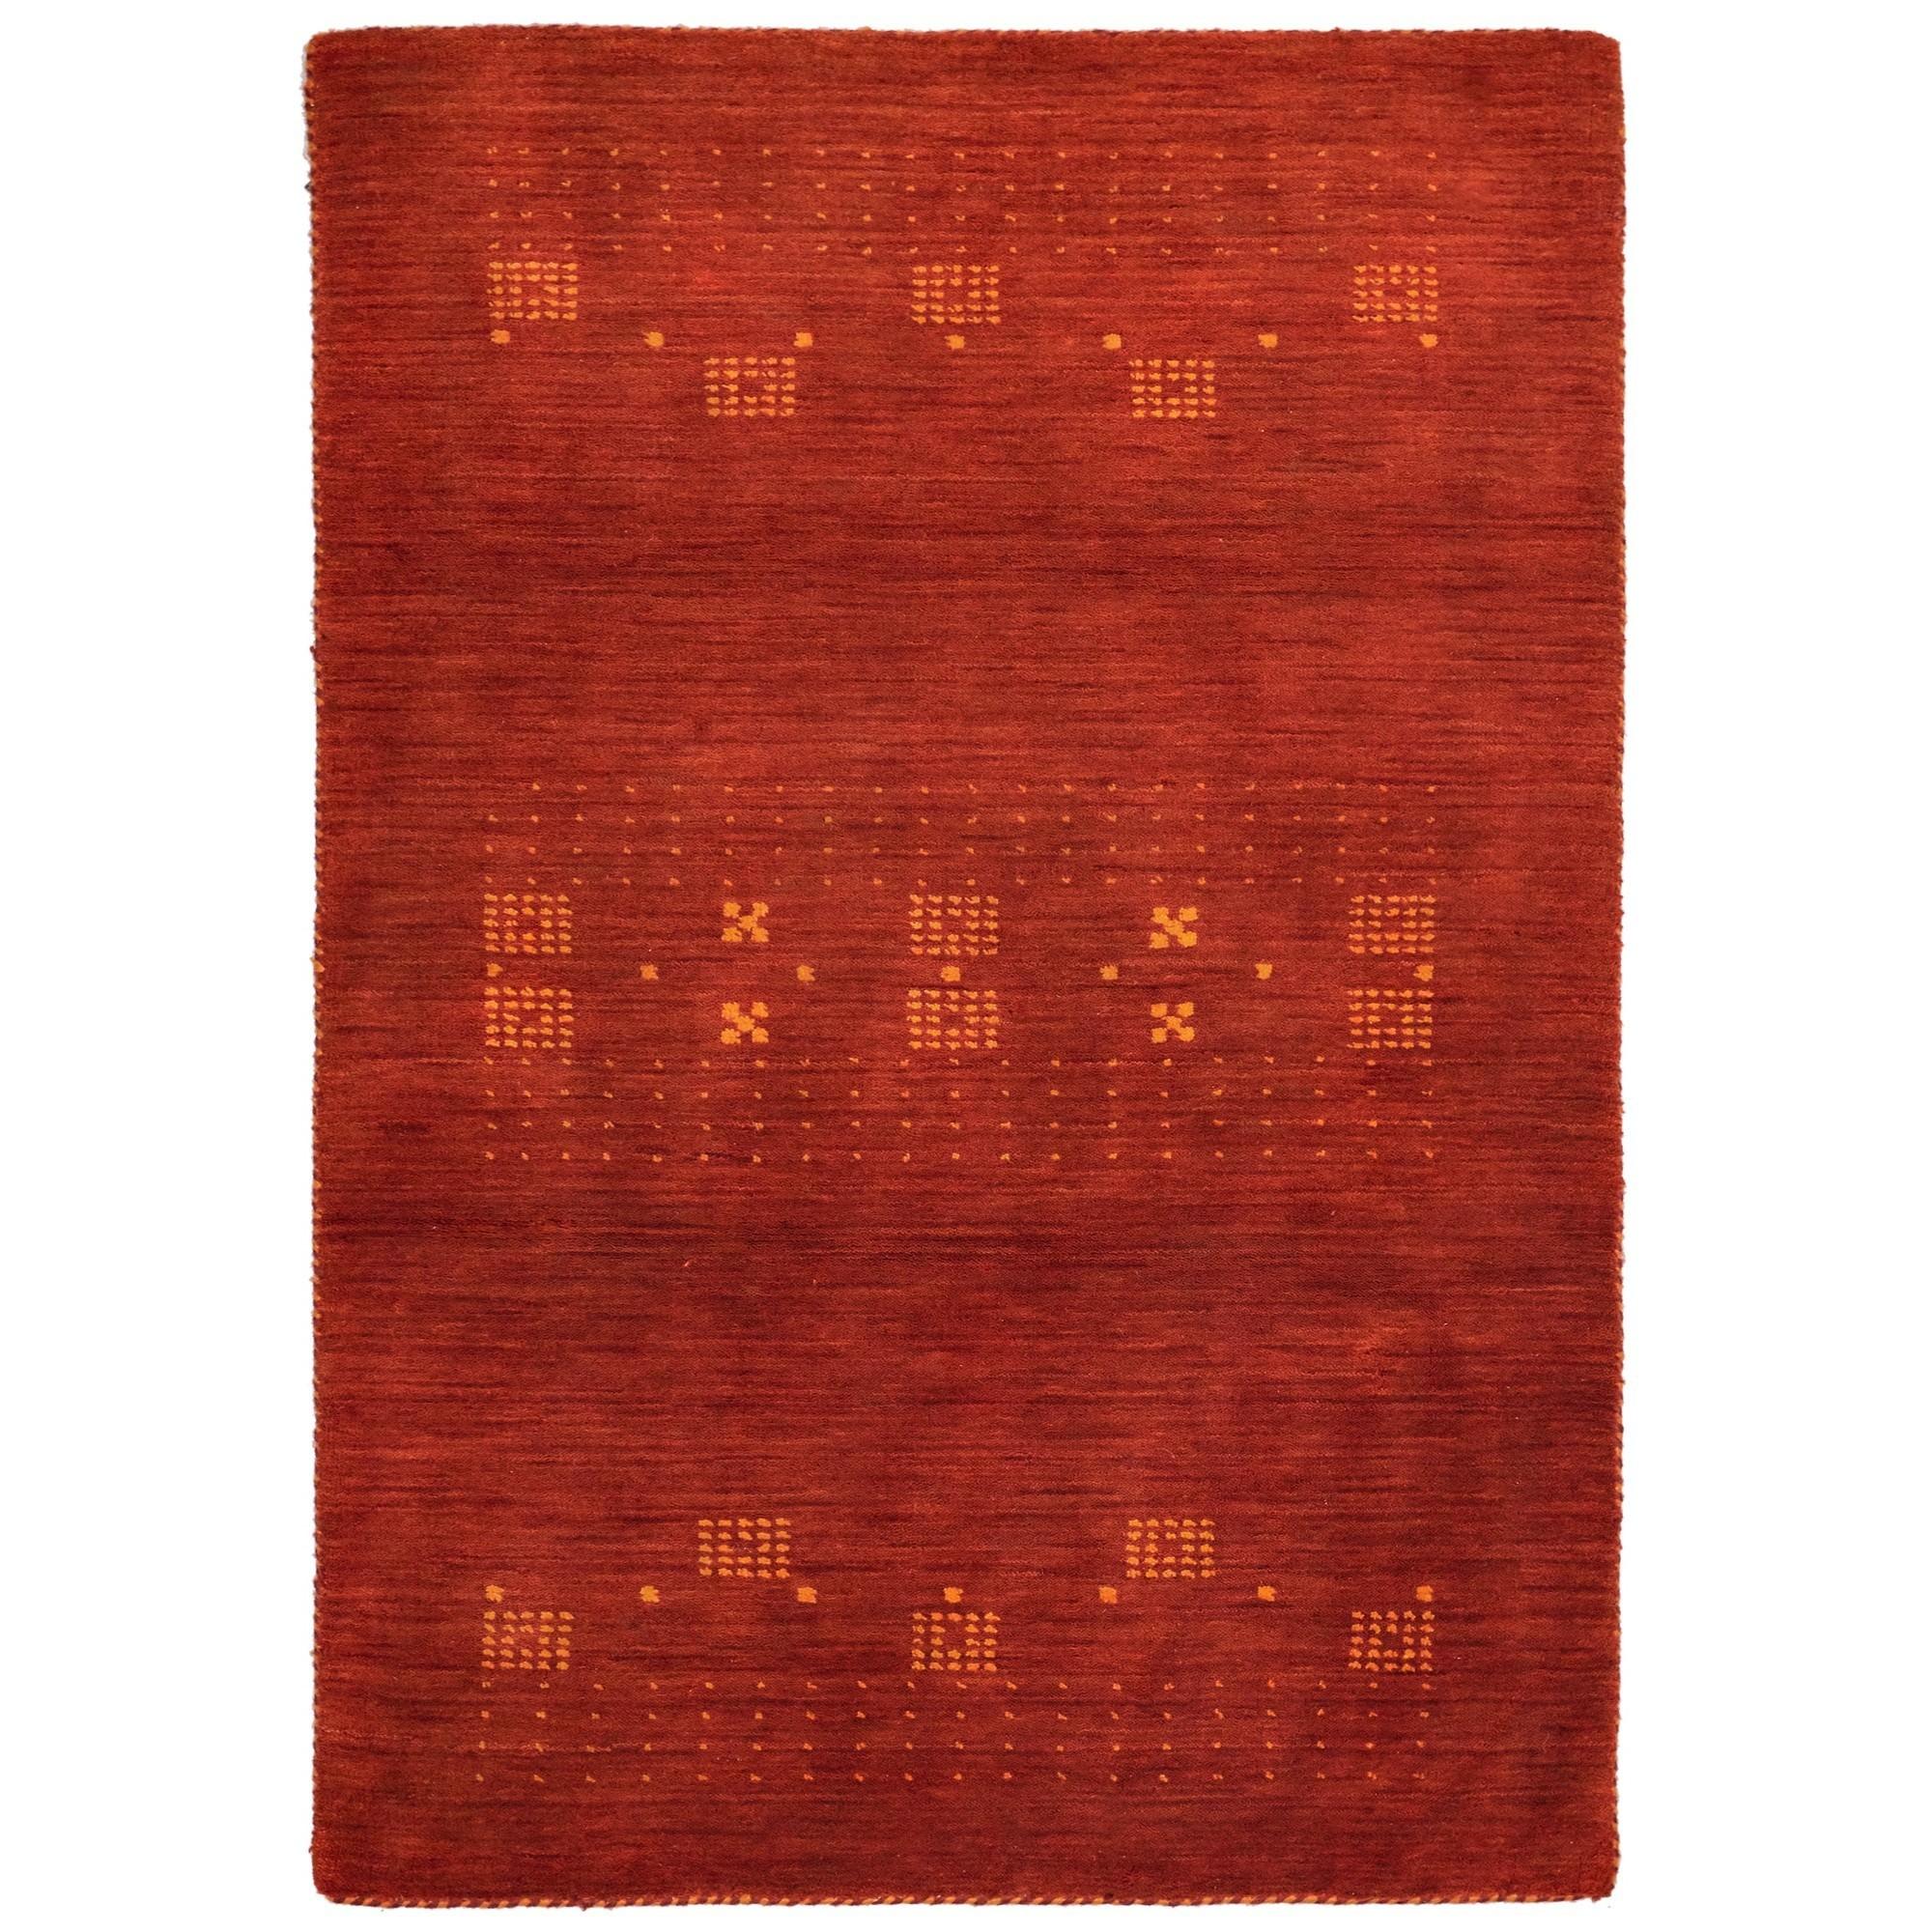 Lori No.042 Wool Tribal Rug, 330x240cm, Rust